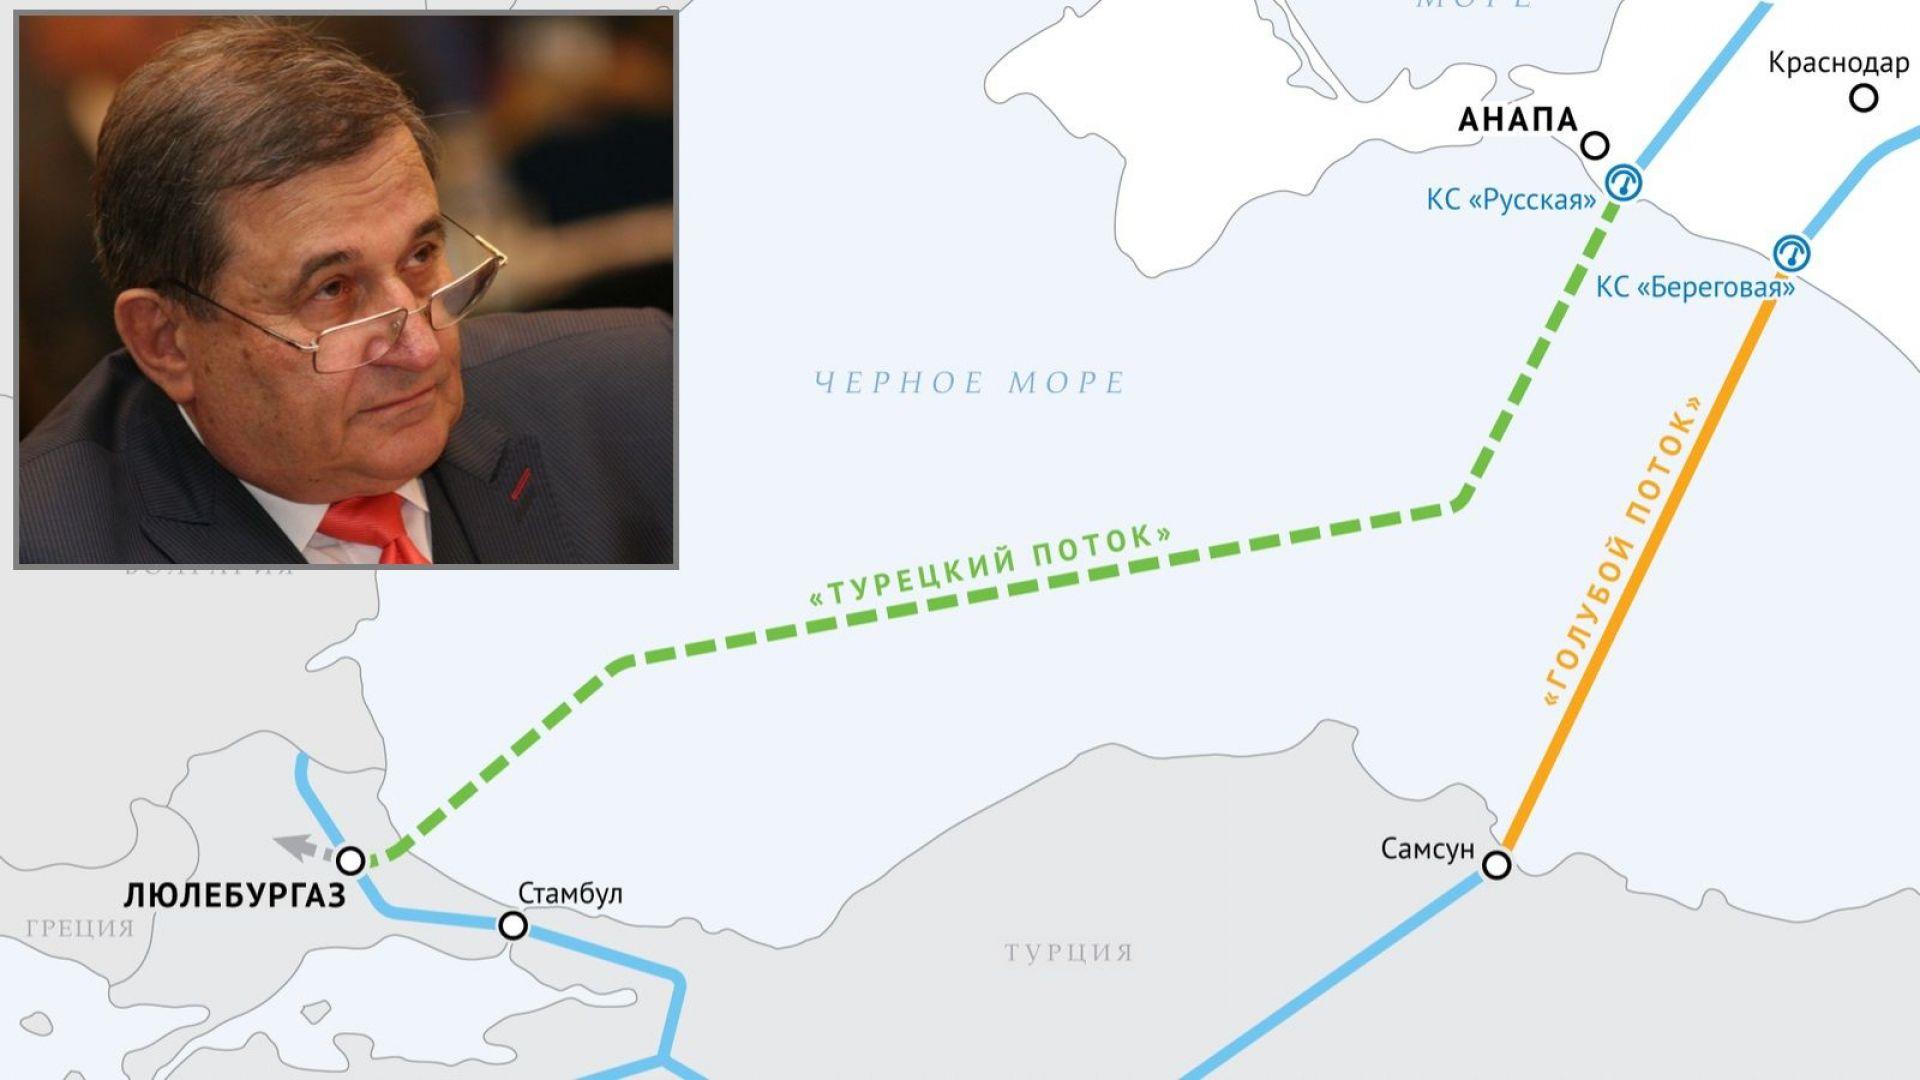 Проф. Тасев пред Dir.bg: Въпросът за изграждане на газопровода дори не стои, ние се съревноваваме с времето